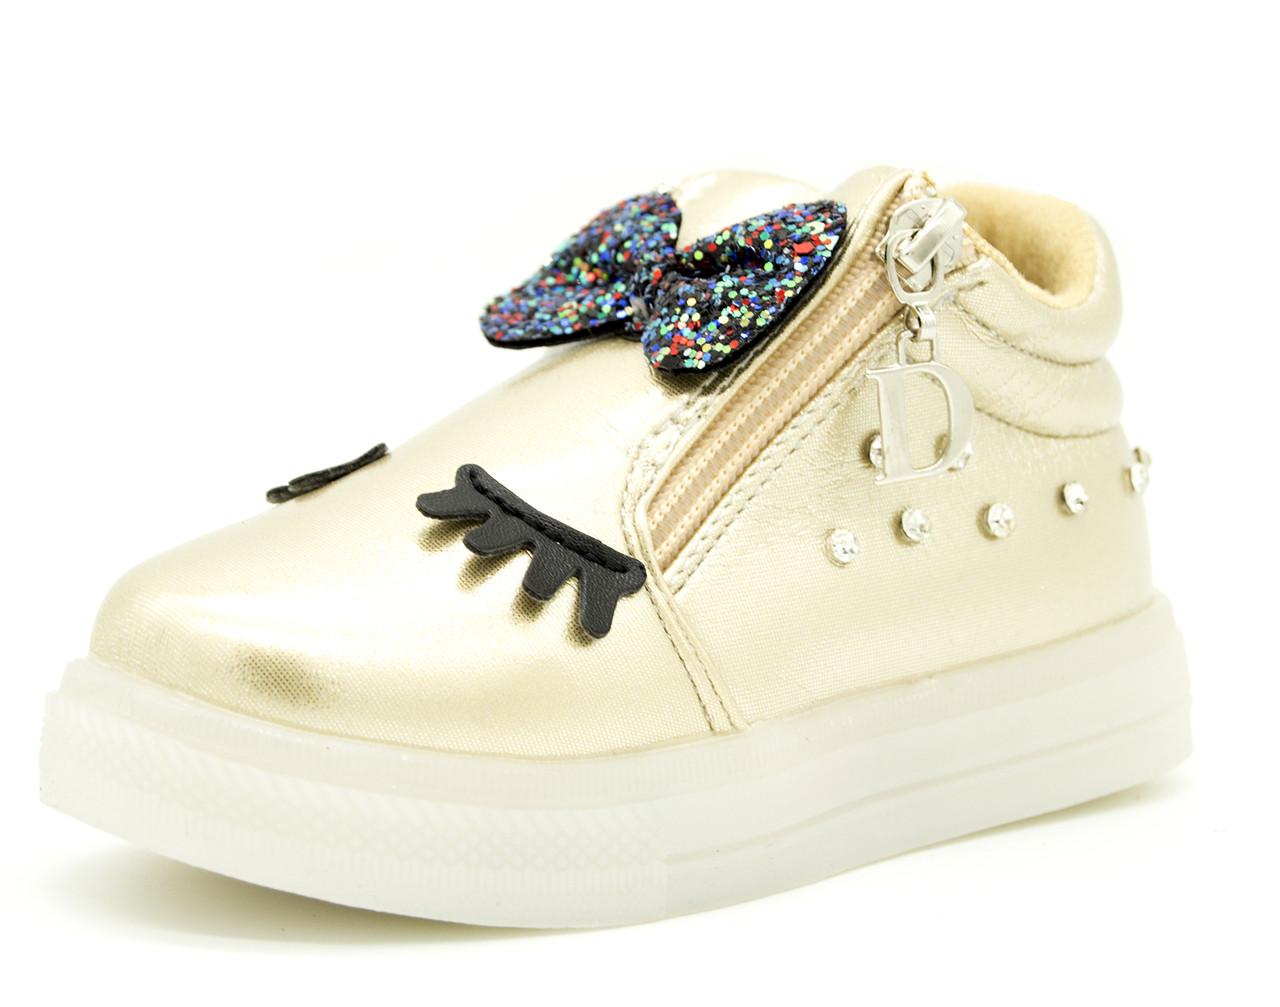 Мигаючі кросівки для дівчинки Золотистий Розміри:  25,28